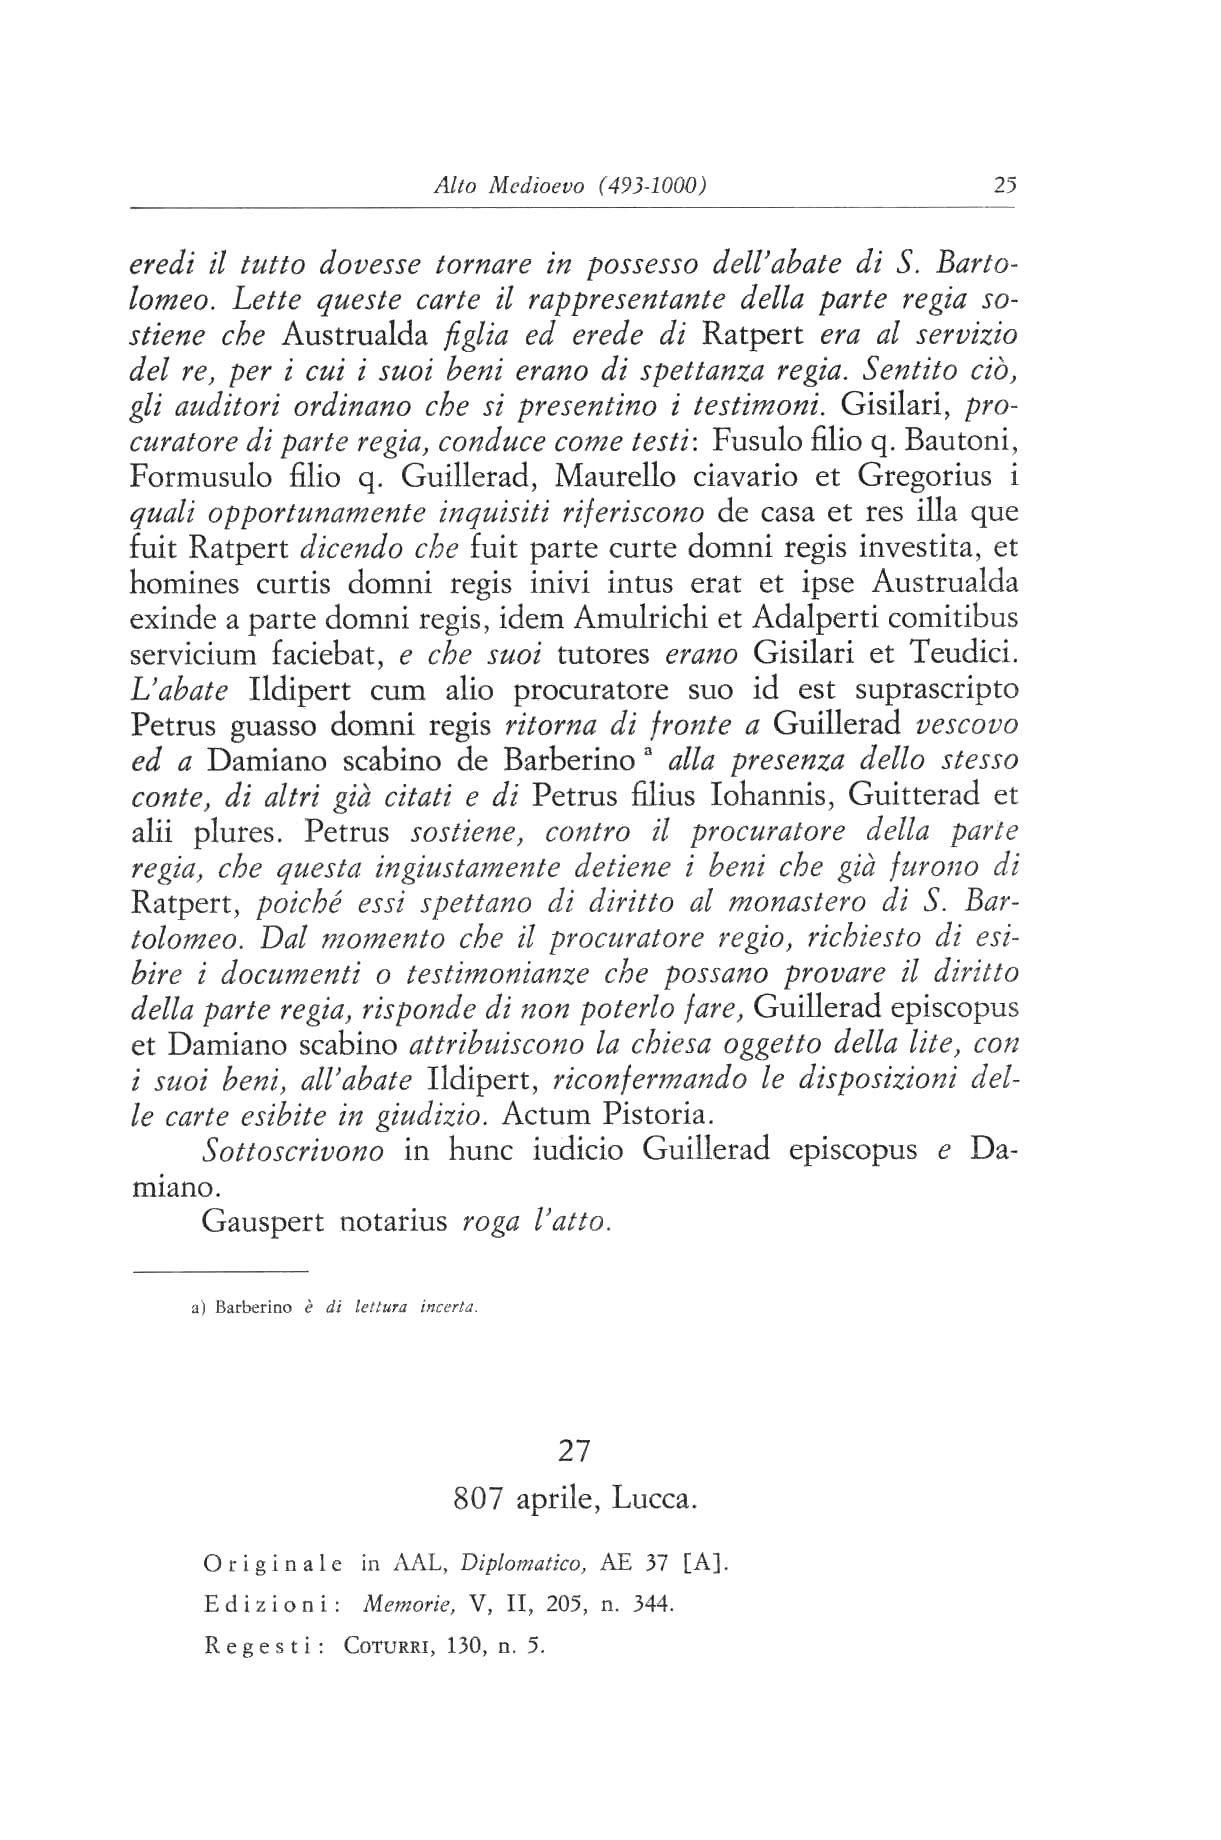 Liber Censuum 0049.jpg